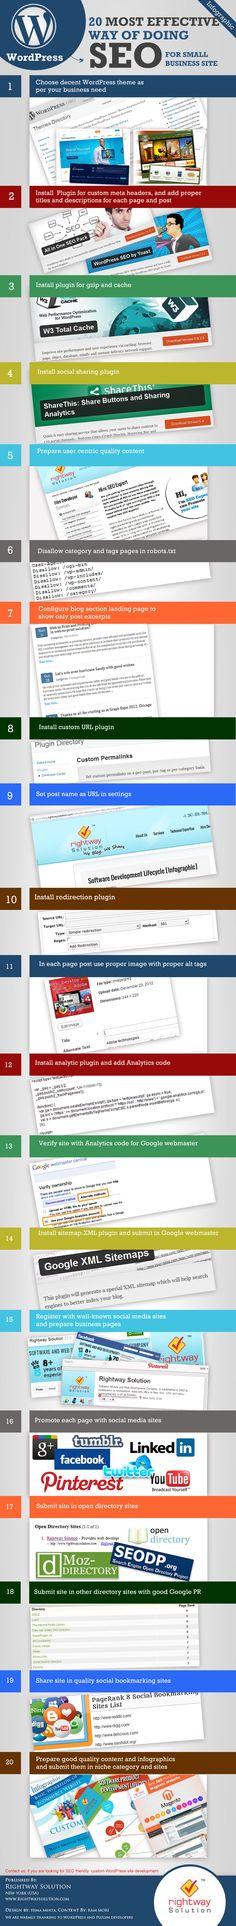 Más efectivas actividades de SEO en WordPress. #nfografía en inglés. Título original: Most effective seo hacks for Wordpress